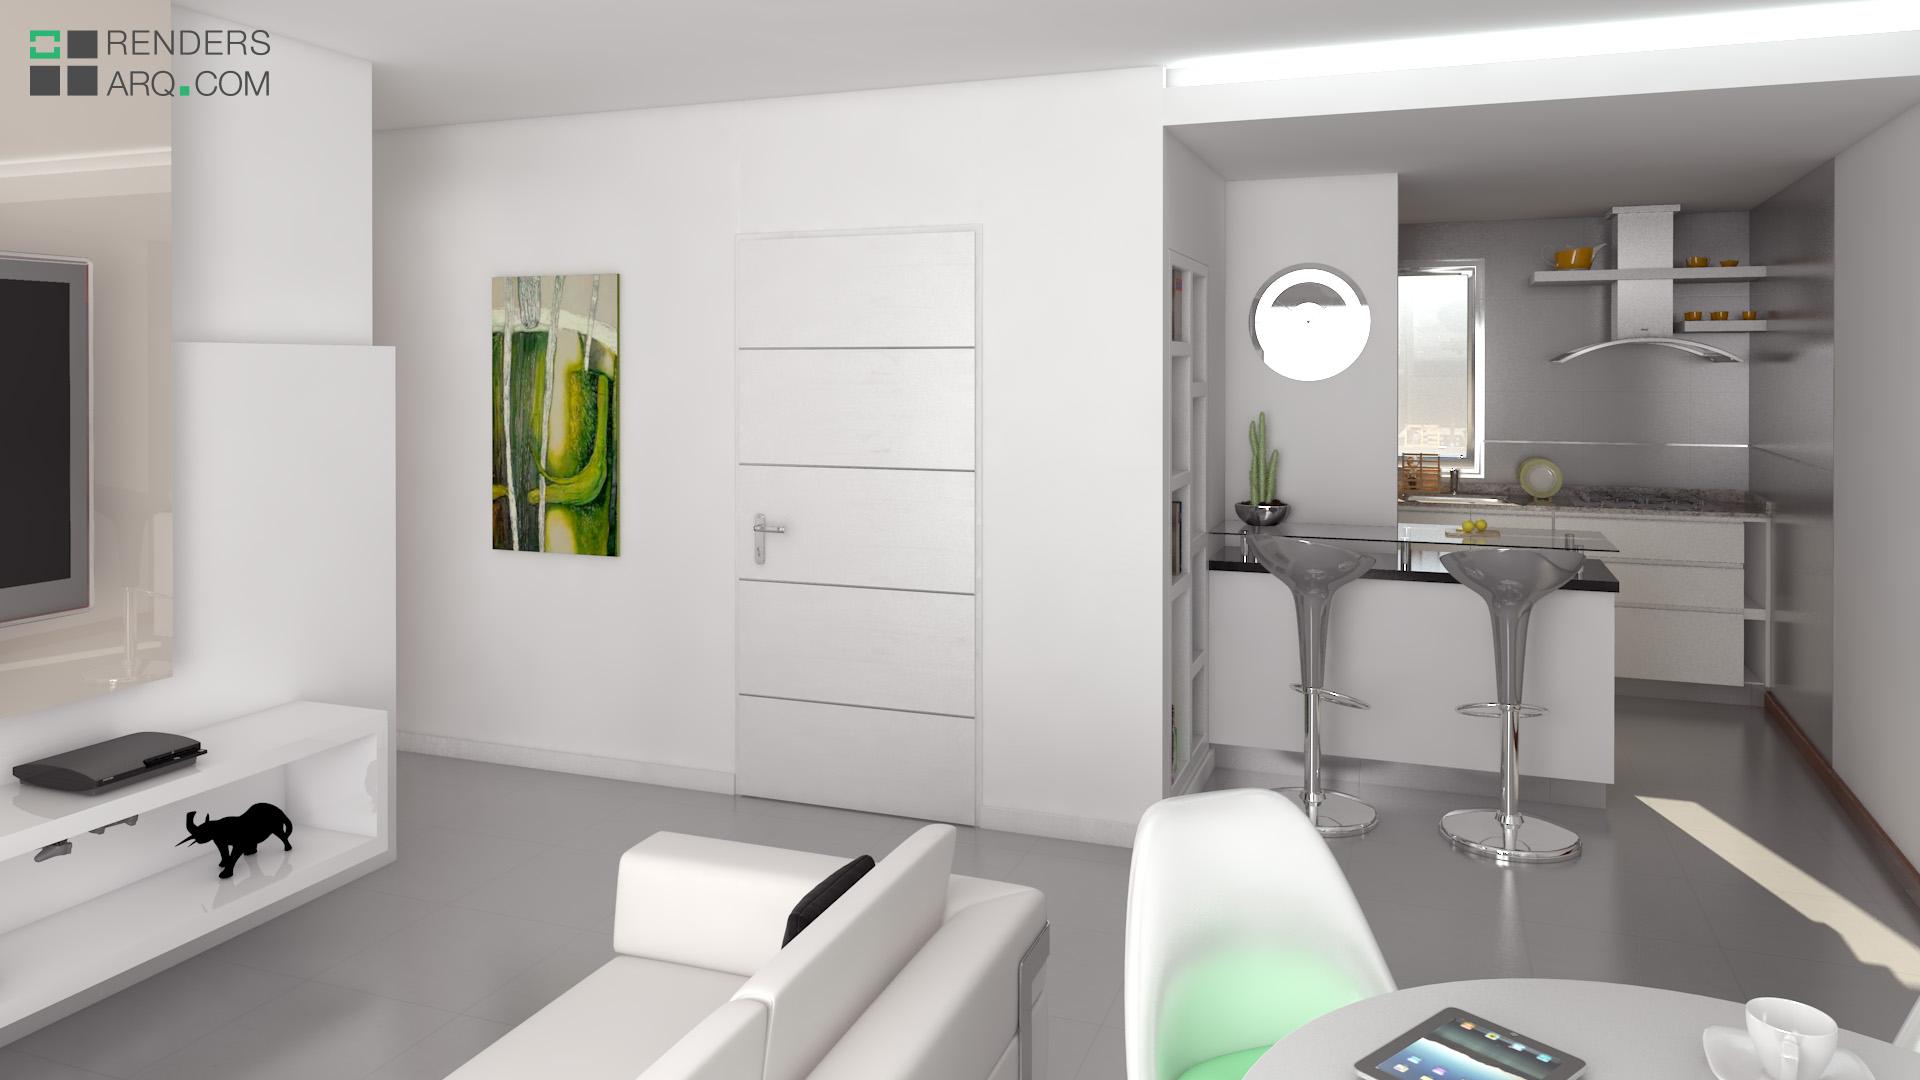 Edificio san martin renders arquitectura for Interior departamento